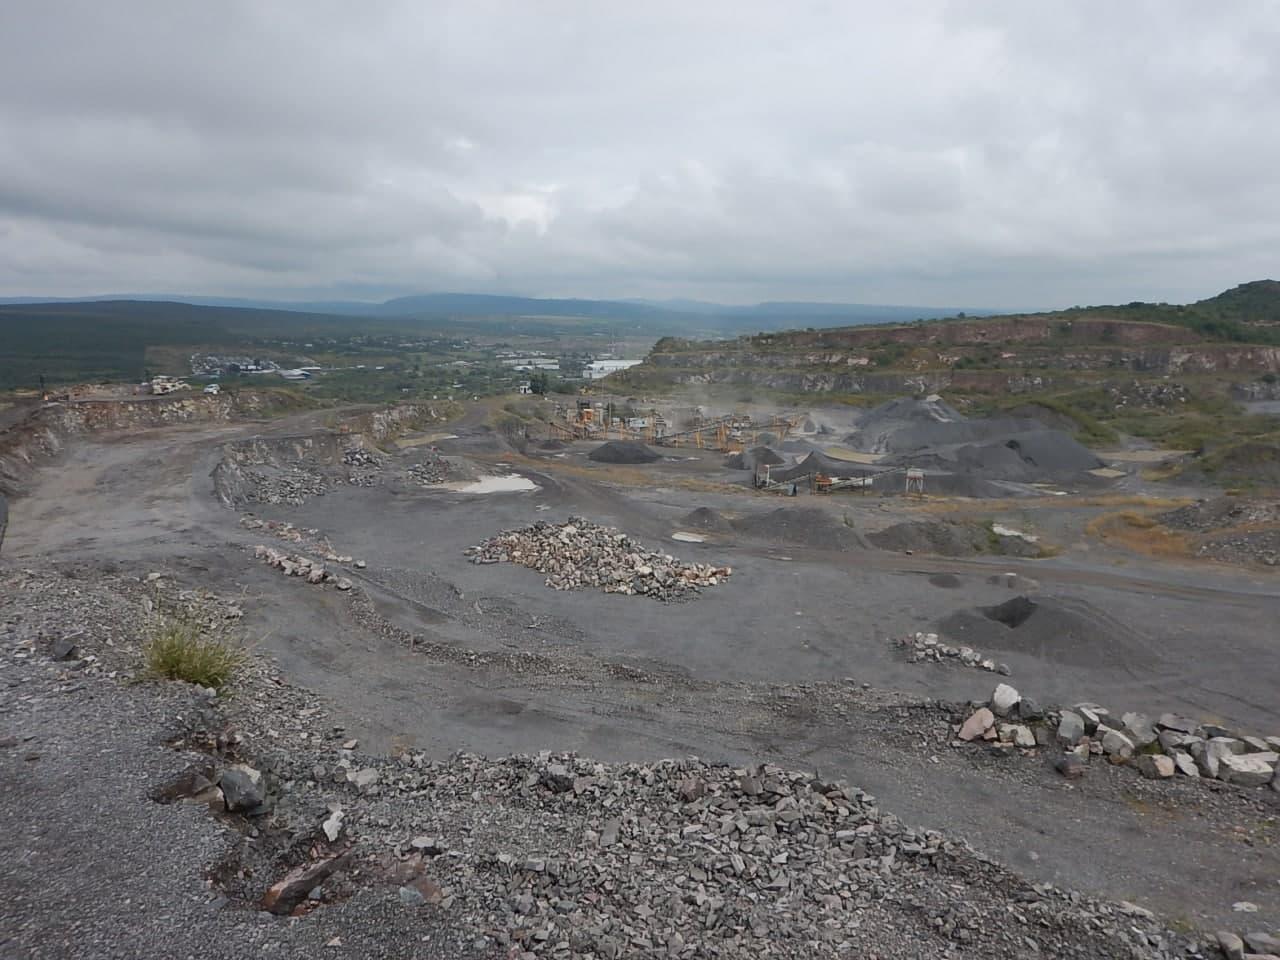 Proepa clausura un banco de material geológico en Lagos de Moreno por incumplir con la normatividad ambiental vigente